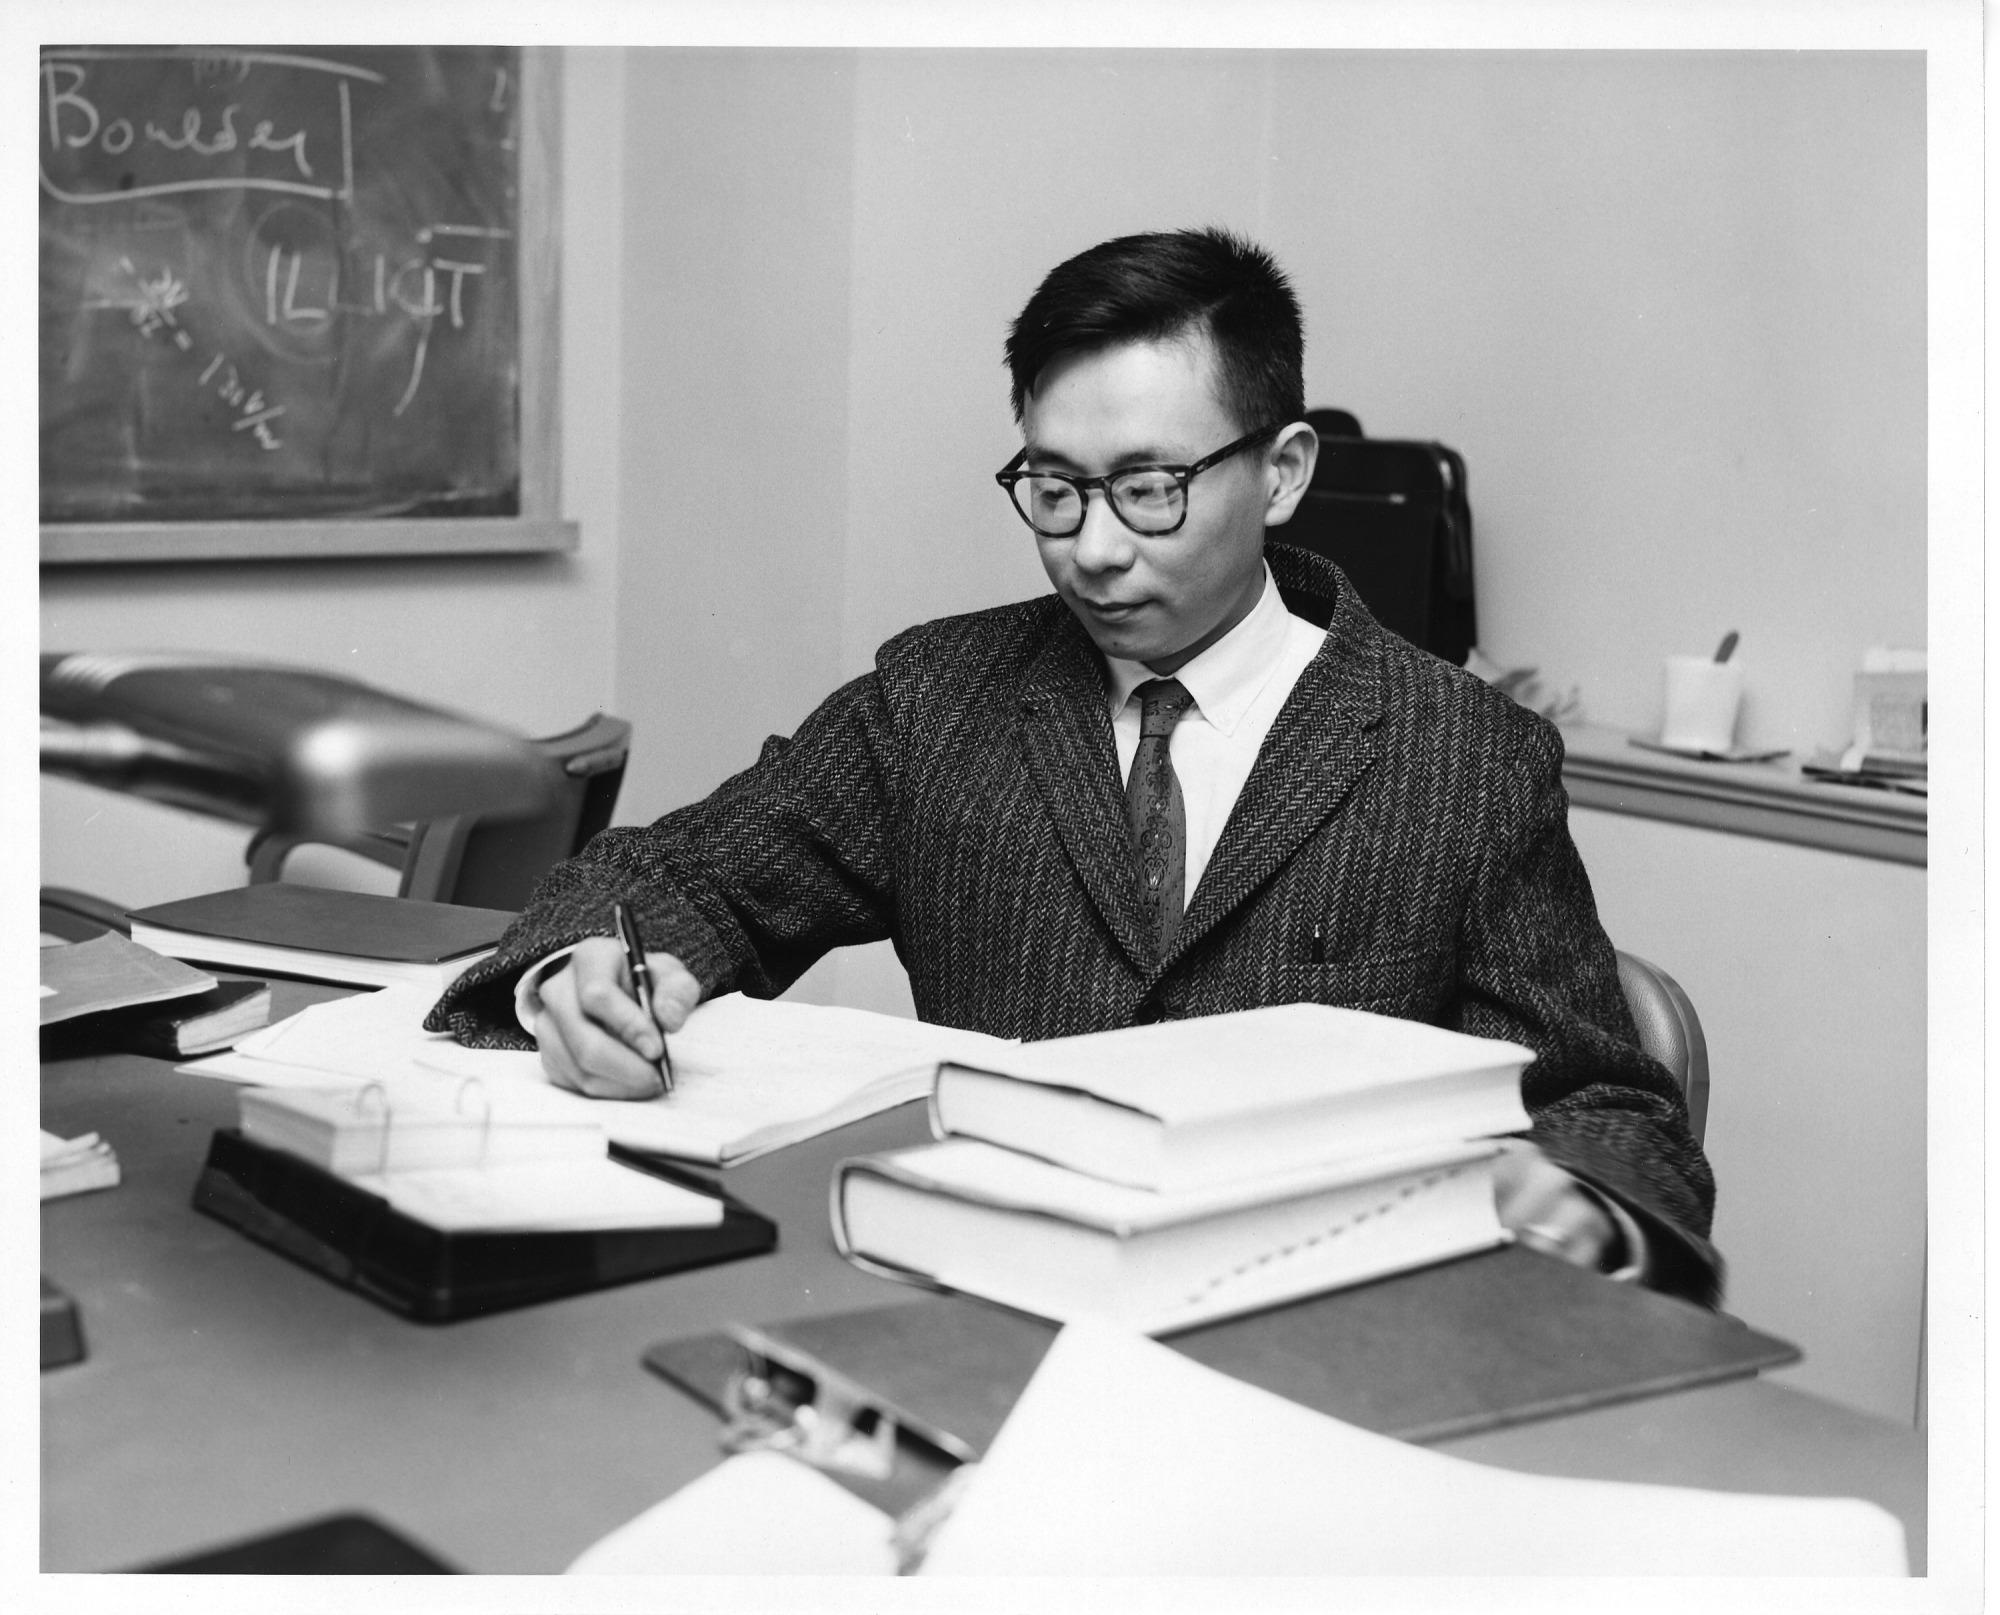 Hong-Yee Chiu (b. 1932), Smithsonian Institution Archives, SIA Acc. 90-105 [SIA2008-0238].